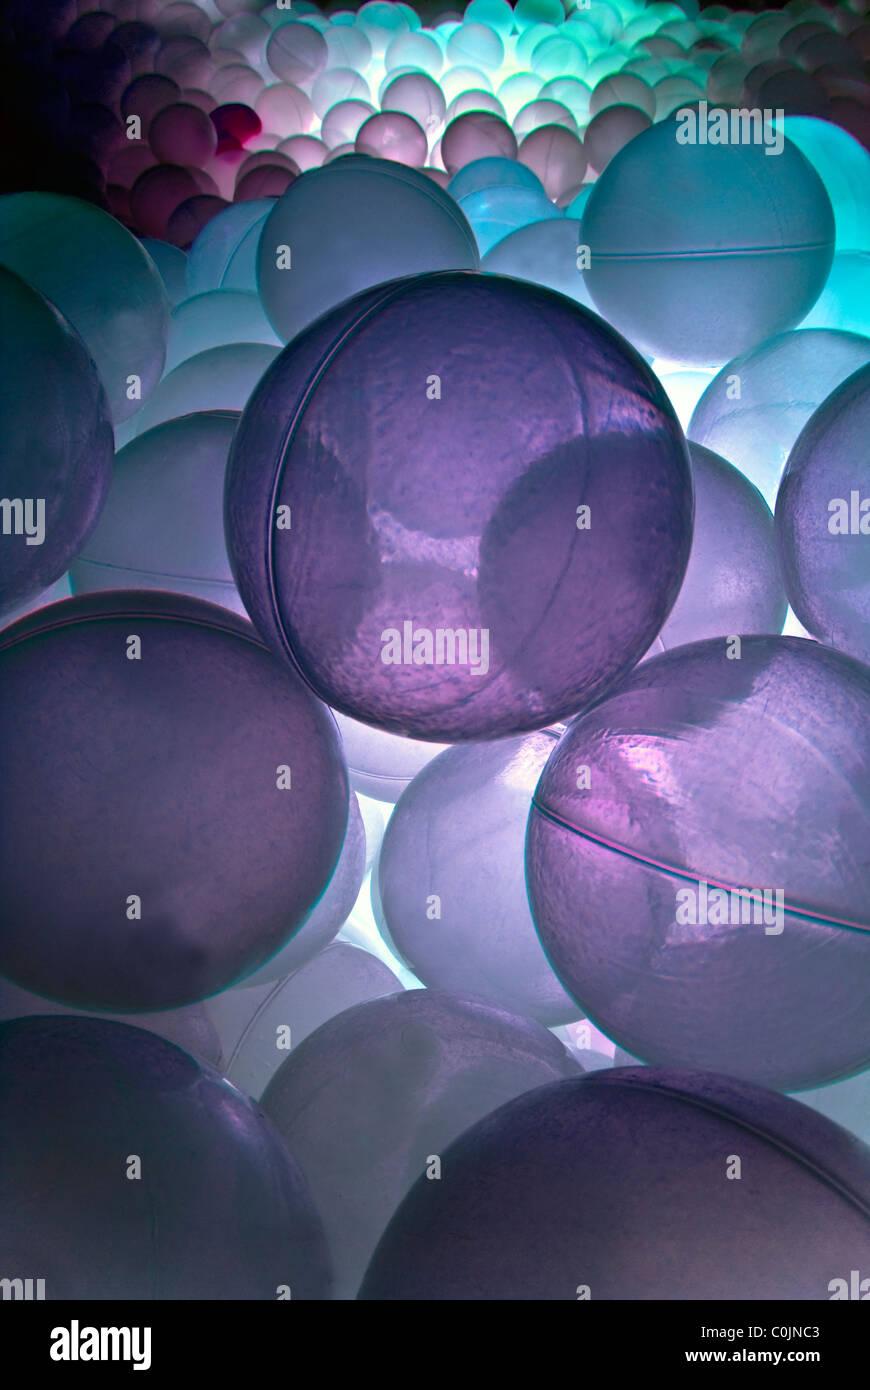 Piscina de bolas con luz púrpura en la luz sala sensorial. Imagen De Stock